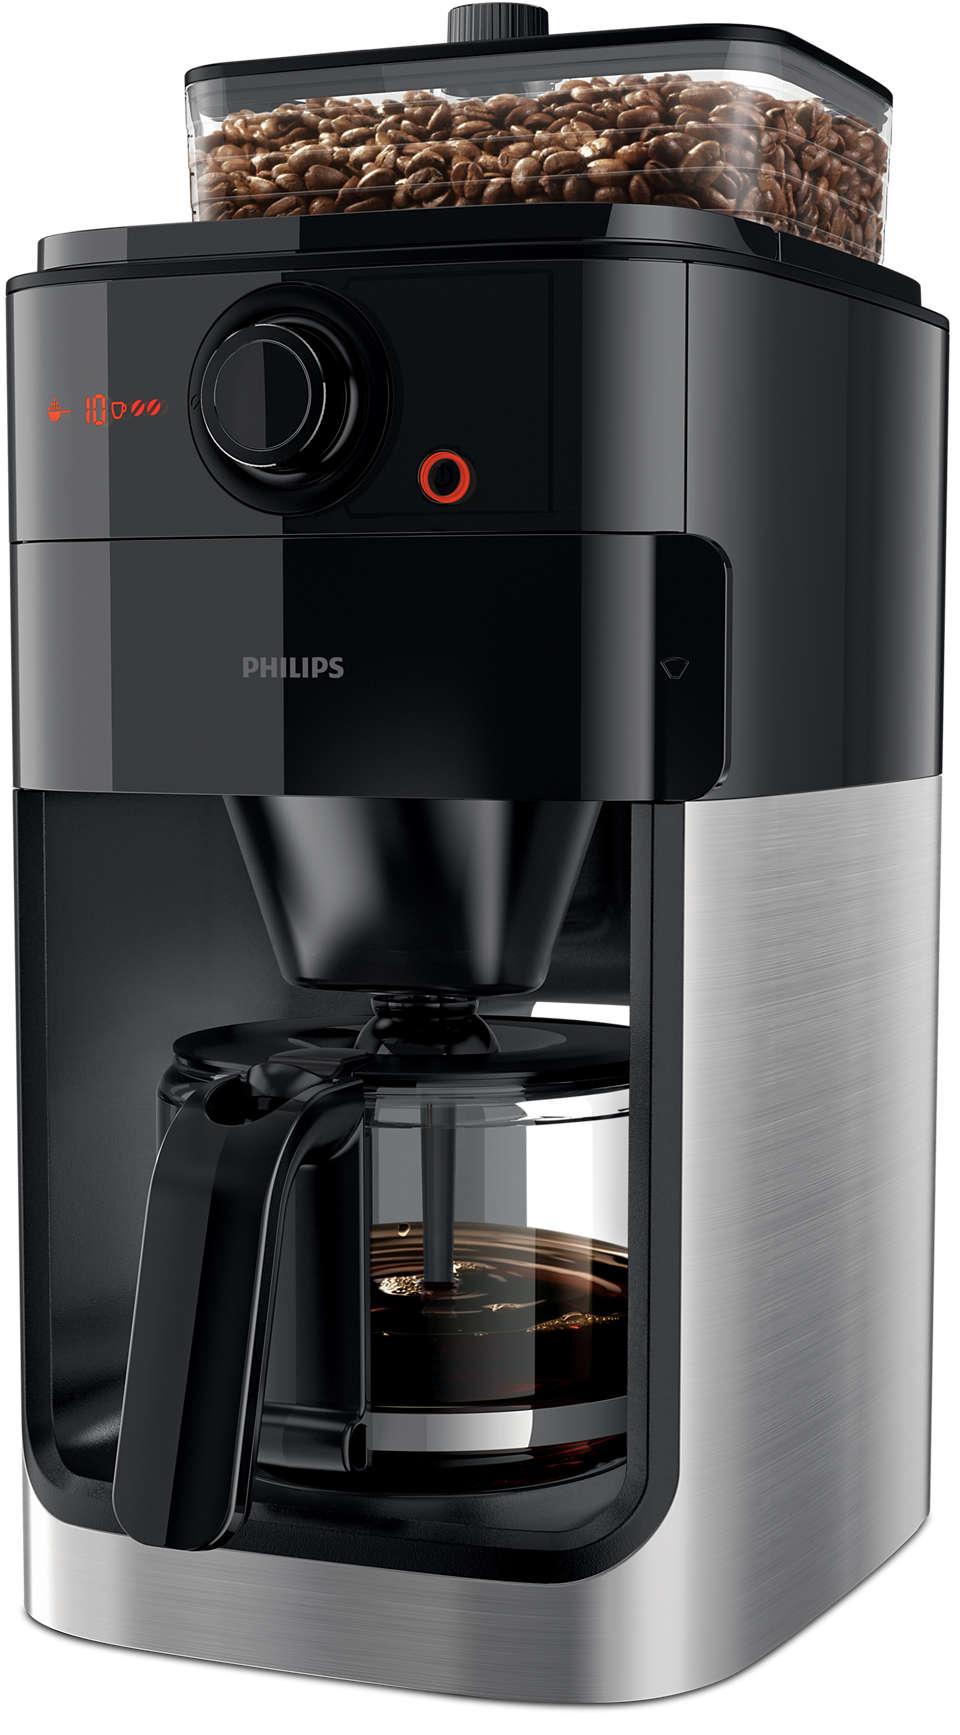 Šviežiai sumaltos kavos pupelės – puikios kavos pradžia